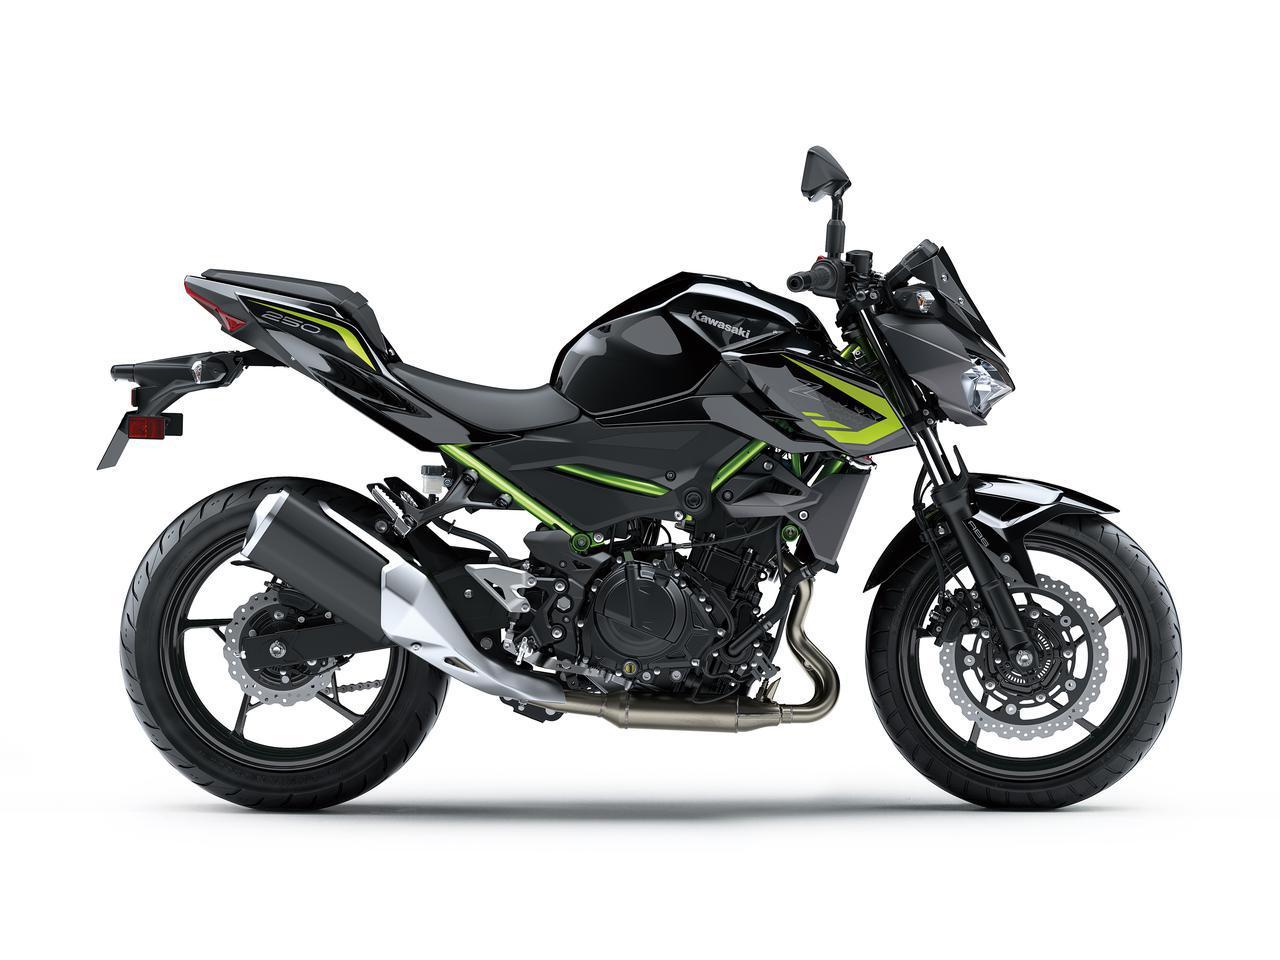 画像10: カワサキが「Z250」の2021年モデルを発売! 2020年モデルと比較してみよう【2021速報】